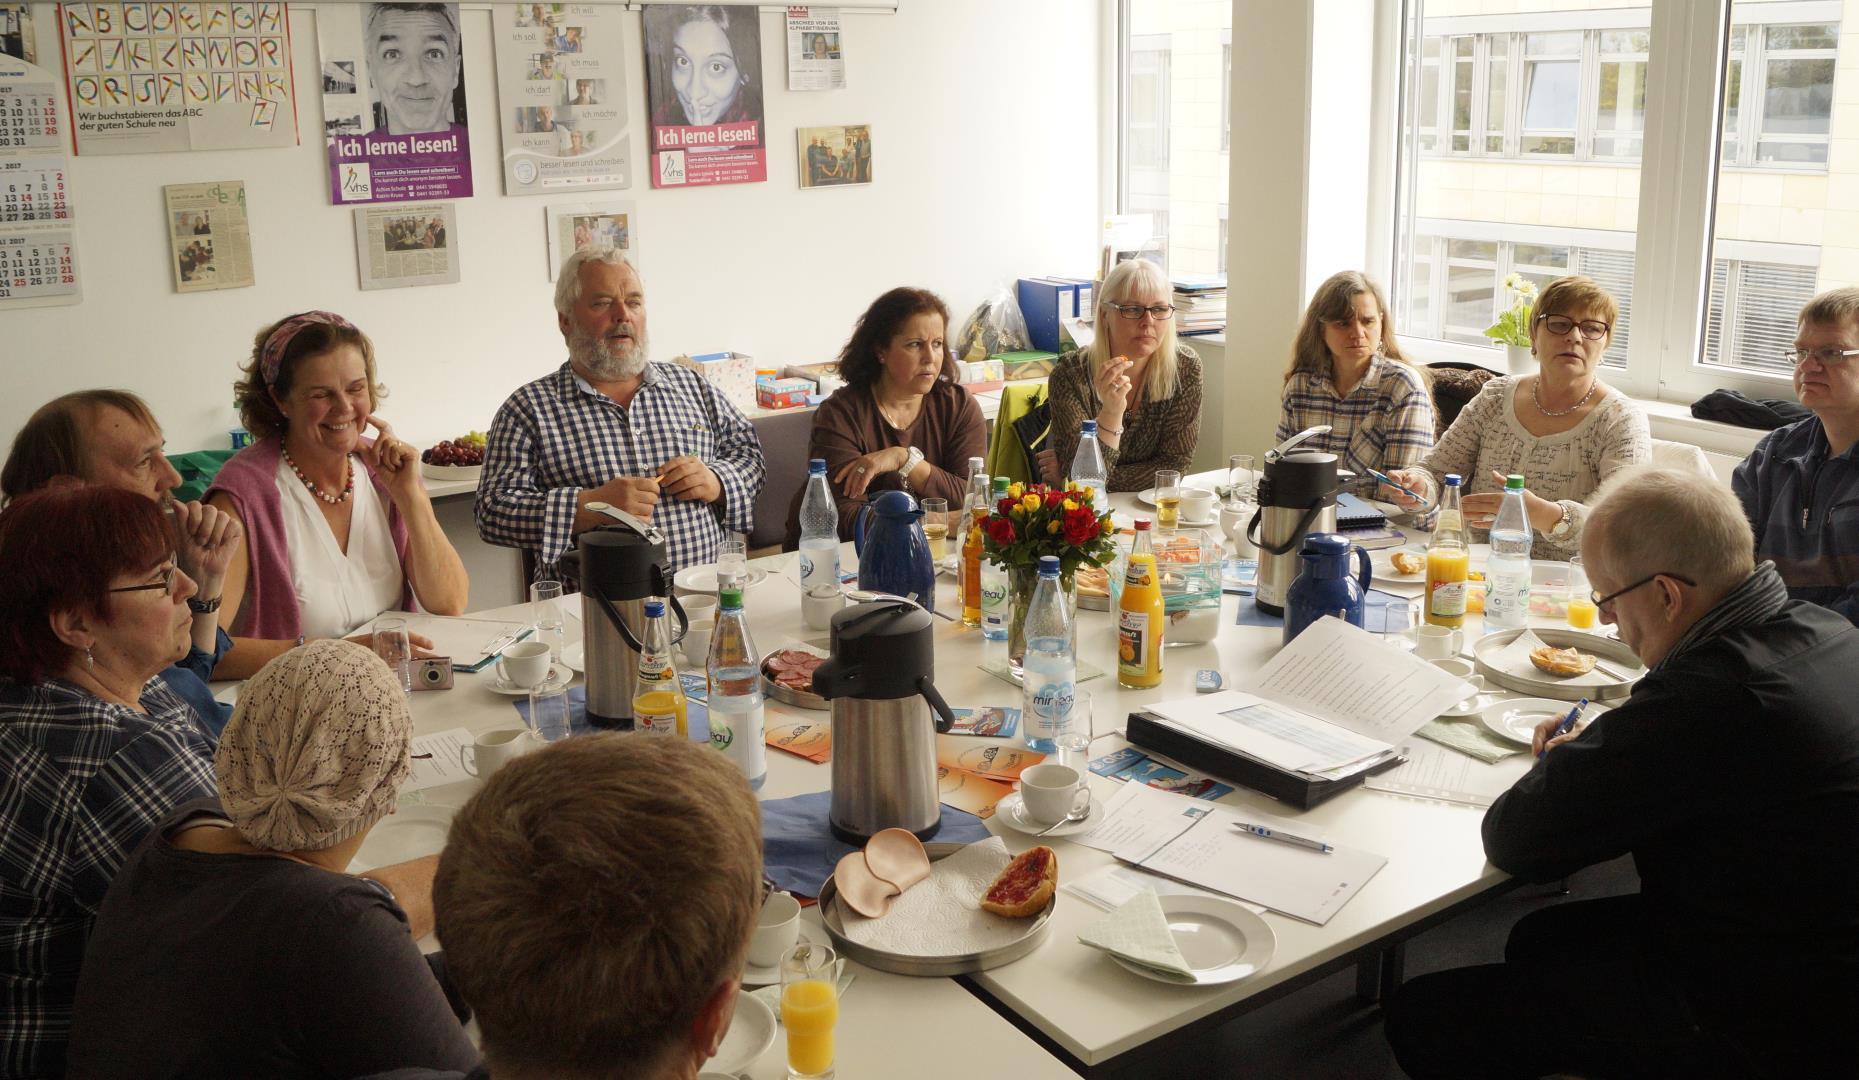 Mitglieder der Selbsthilfegruppen im angeregten Gespräch | Foto: Achim Scholz